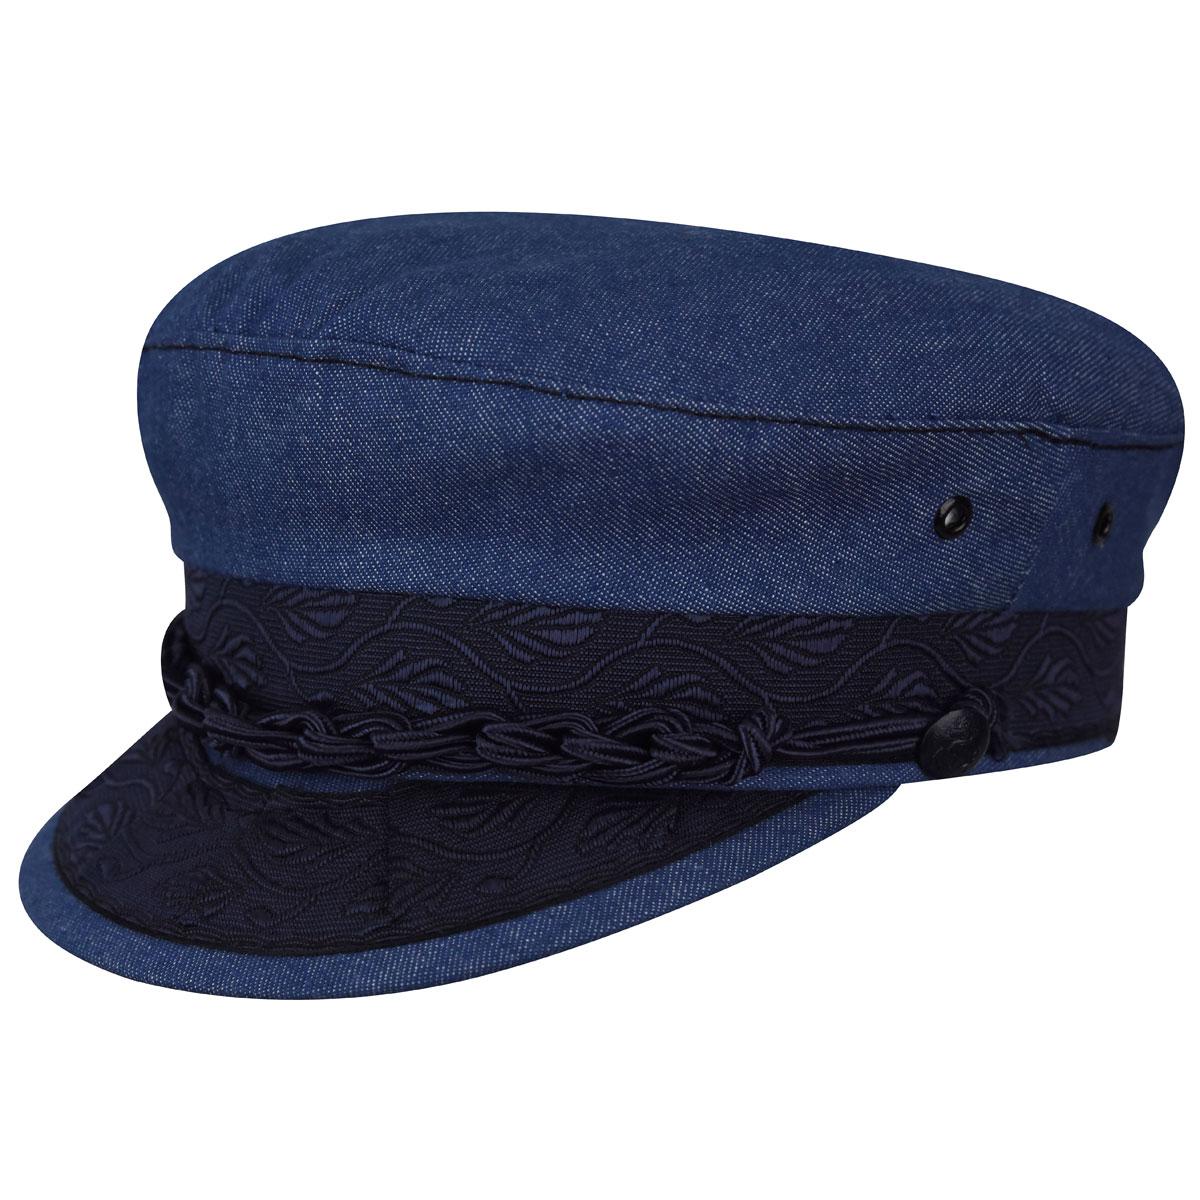 Country Gentleman Authentic Greek Cotton Cap in Denim